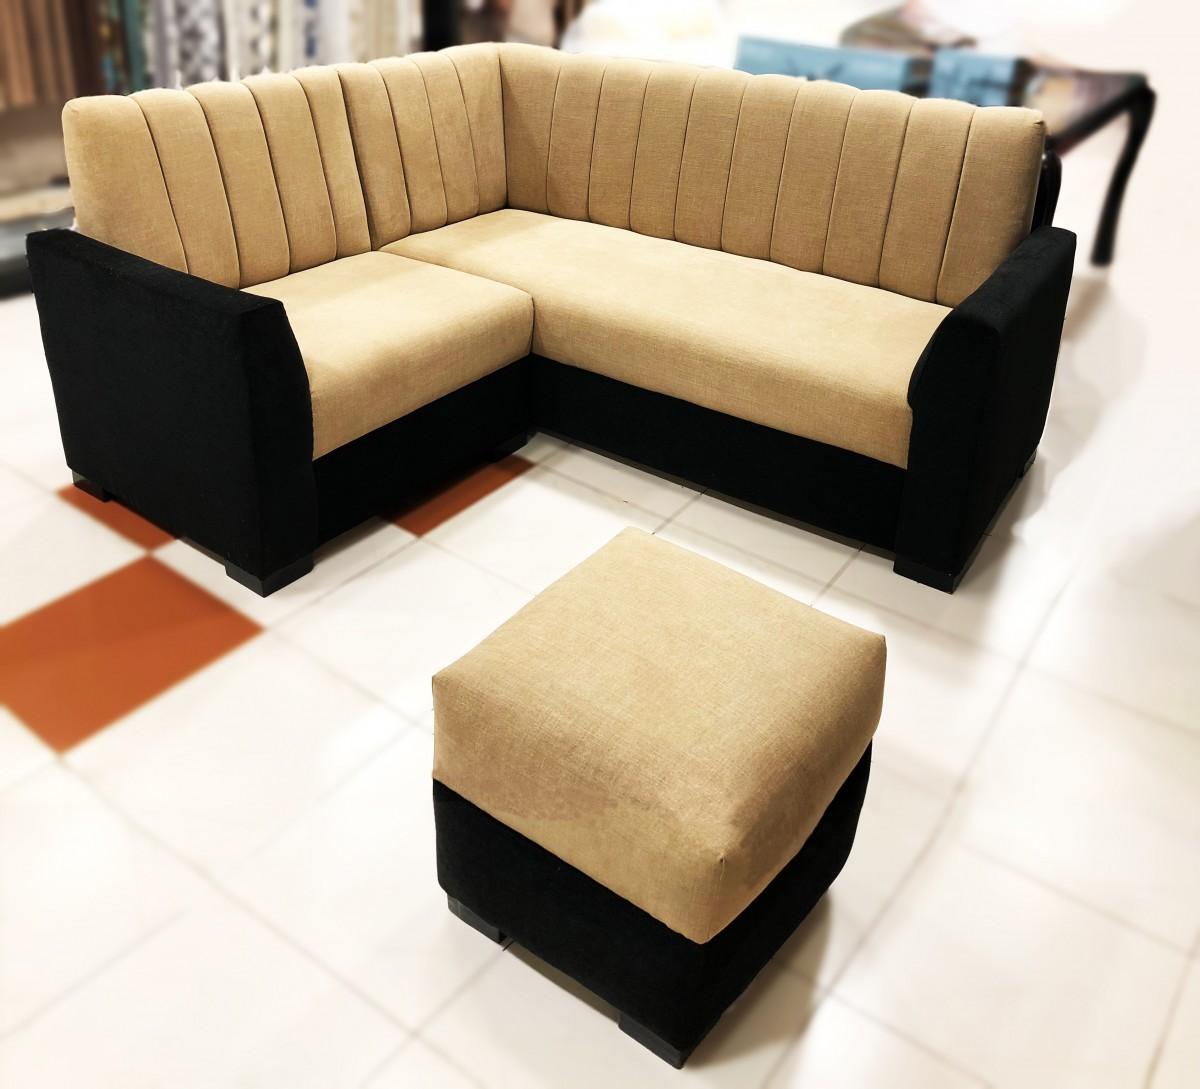 Entretien Canapé Cuir Naturel nettoyer son canapé : 7 astuces pour obtenir le meilleur